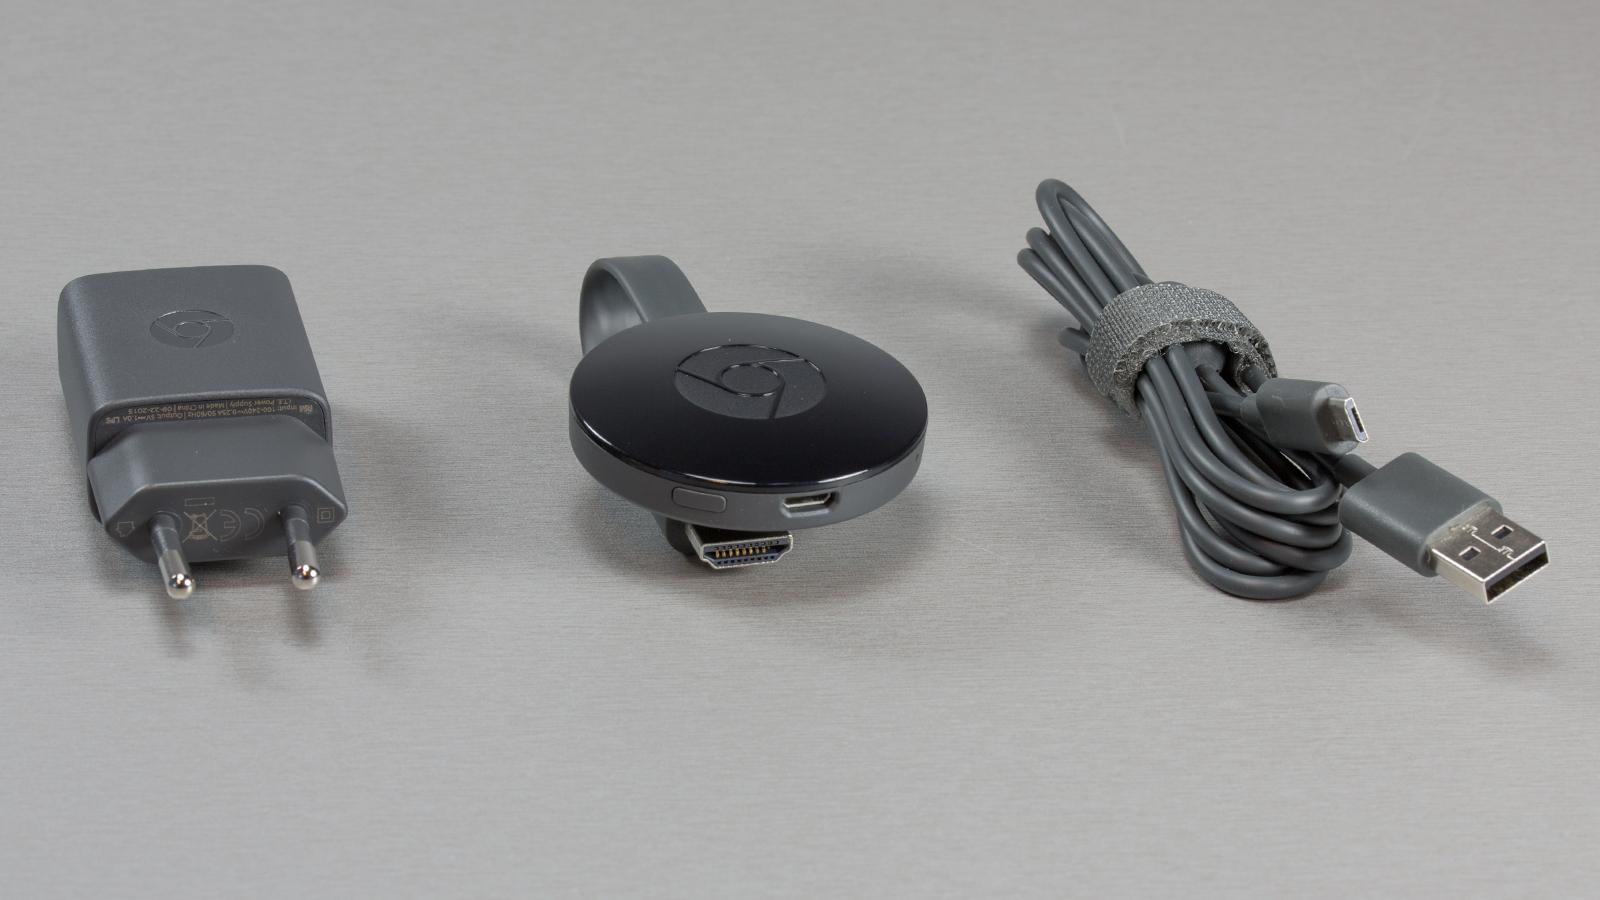 Google-Chromecast-DT-002-Pakendi-sisu